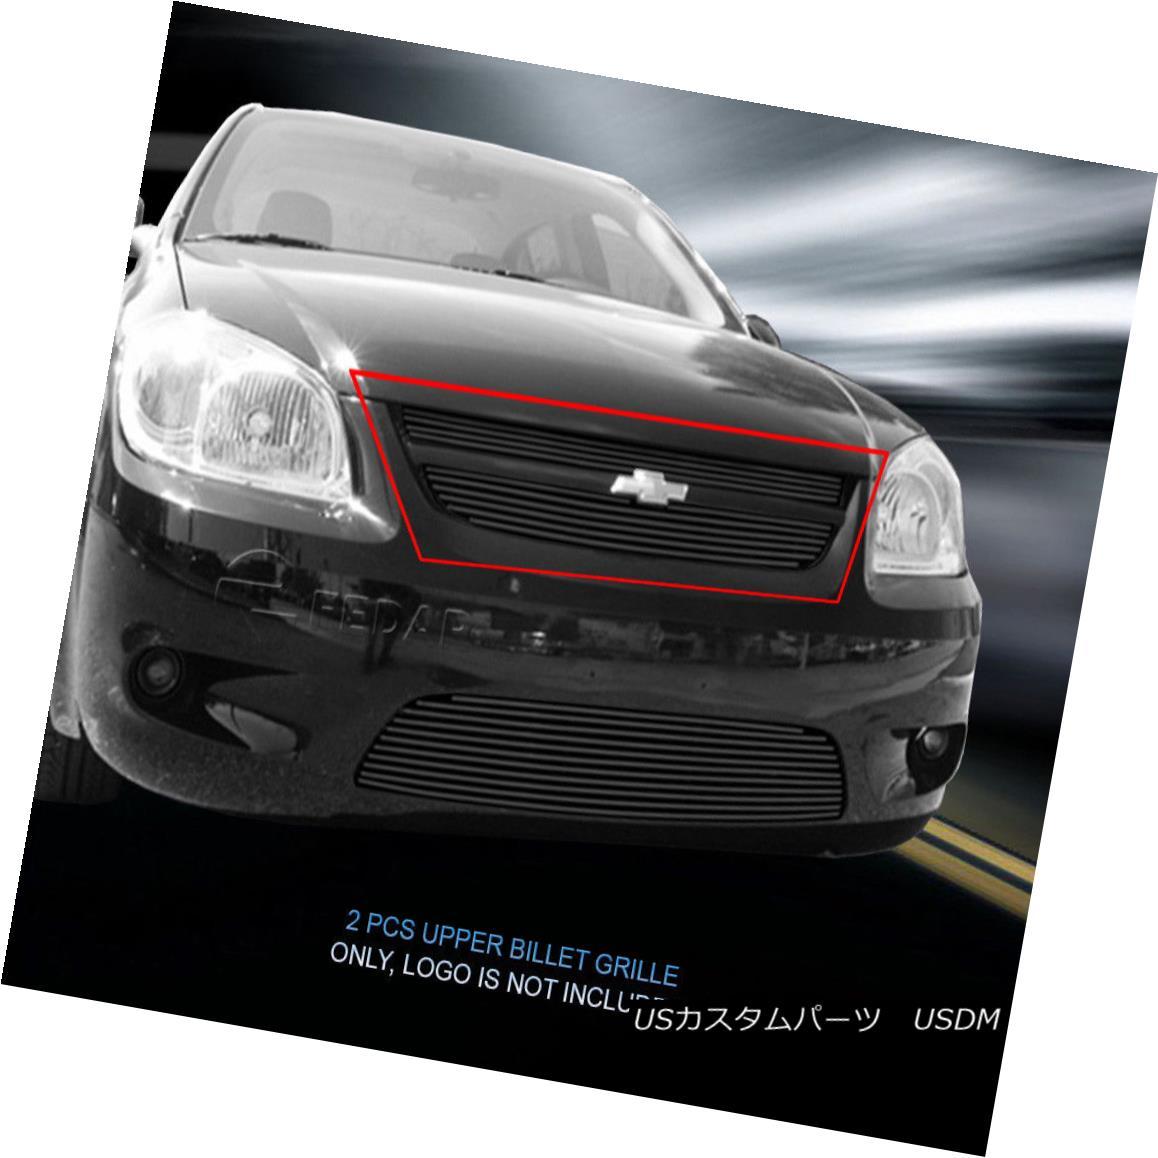 グリル For 2005-2010 Chevy Cobalt Black Billet Grille Upper Grill Insert Fedar 2005-2010シボレーコバルトブラックビレットグリルアッパーグリルインサートFedar